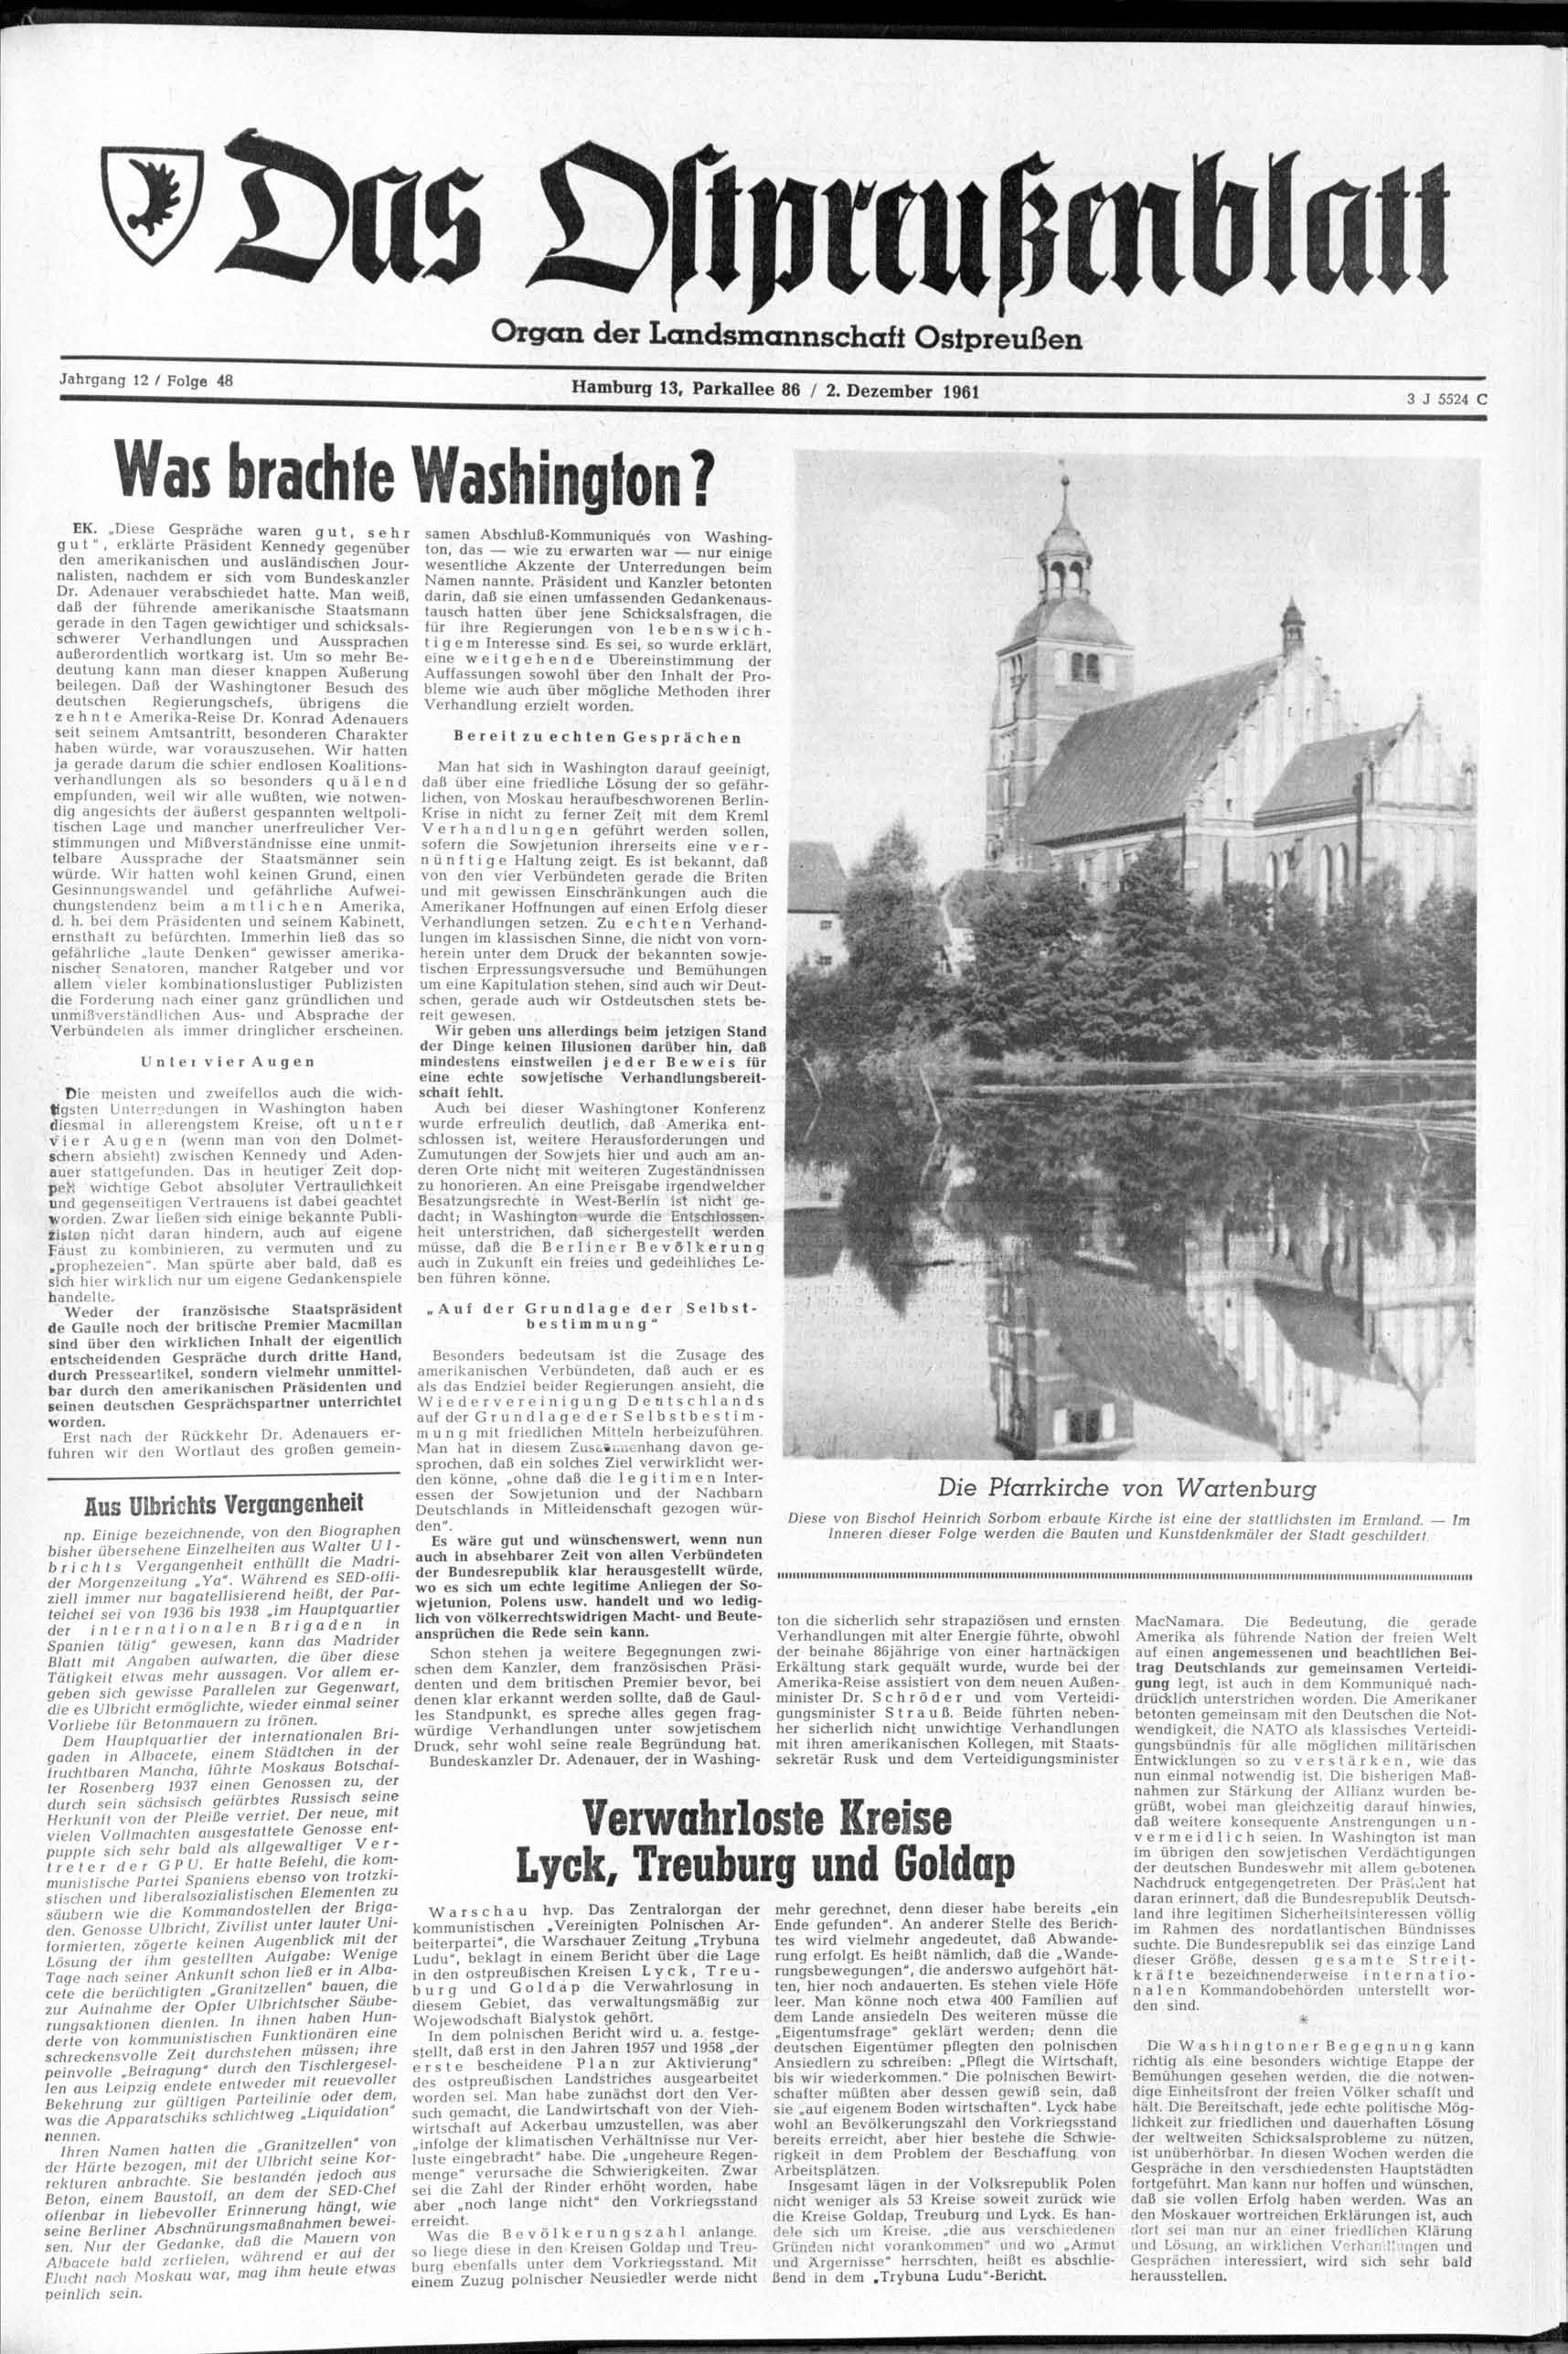 Was Brachte Washington Verwahrloste Kreise Lyck Treuburg